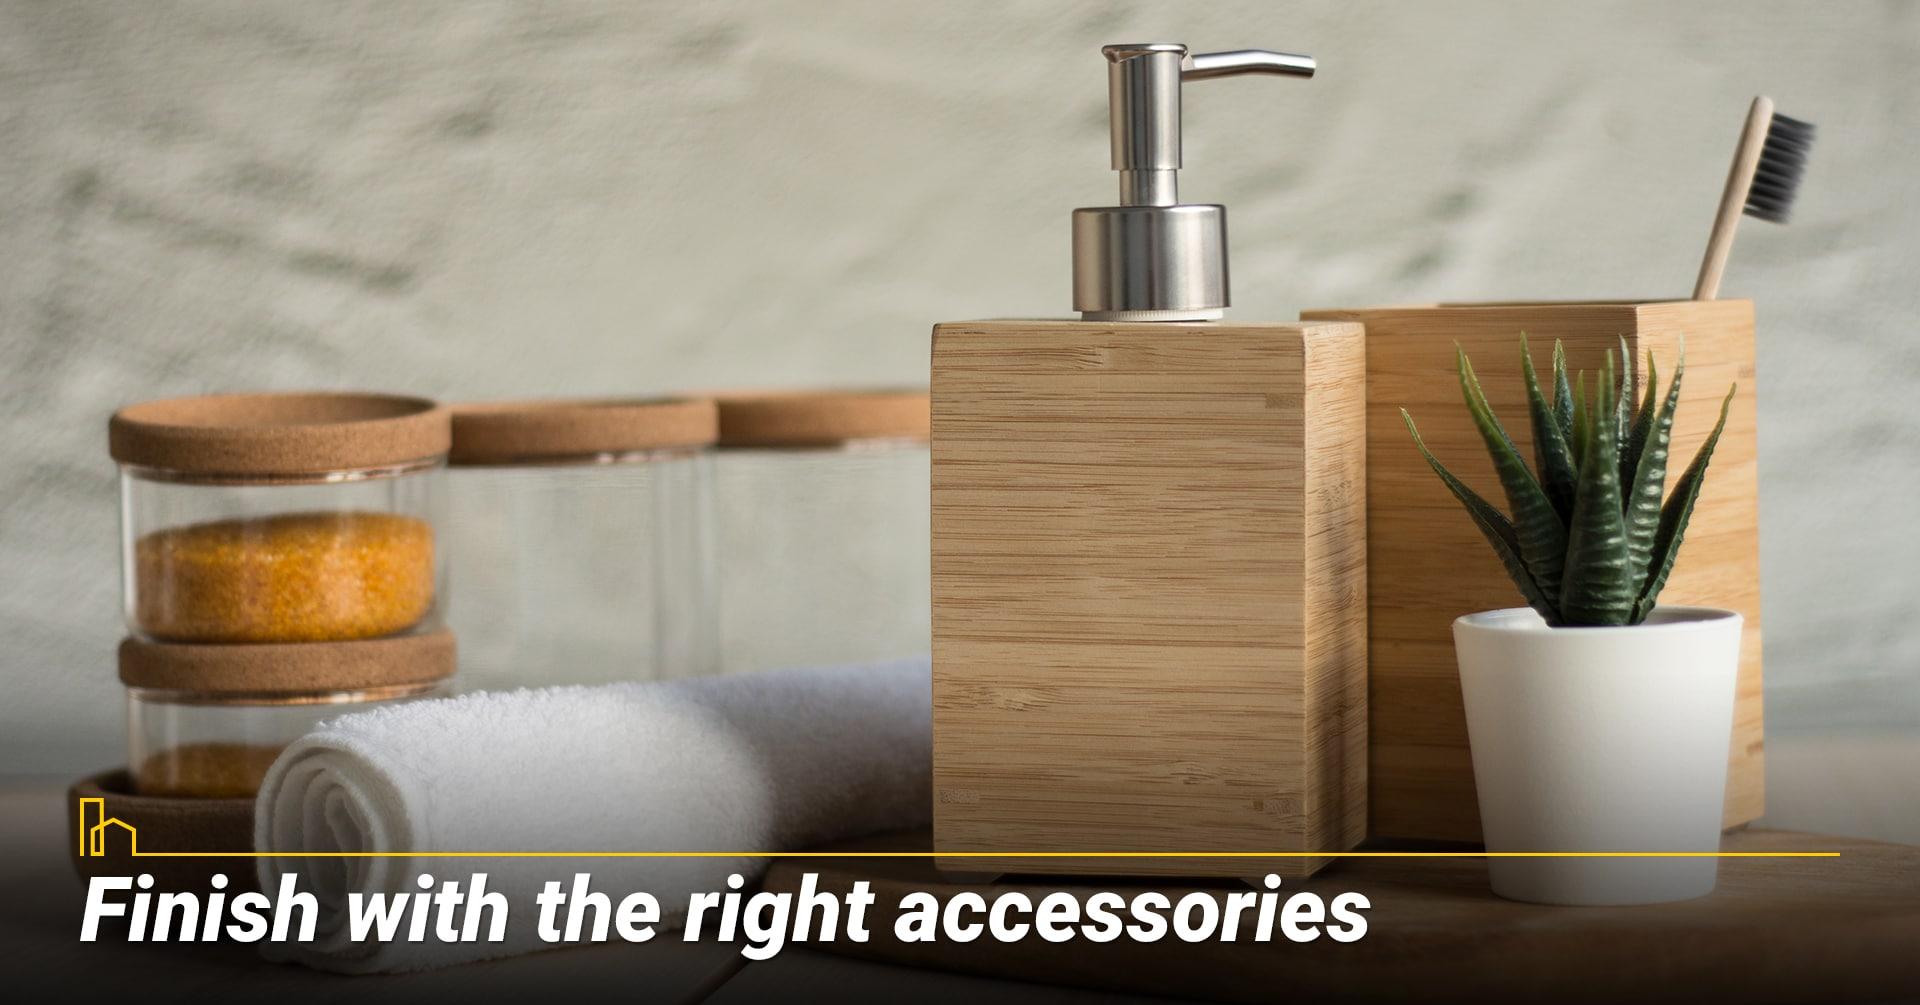 10 Ways to Add Farmhouse Décor to Your Bathroom